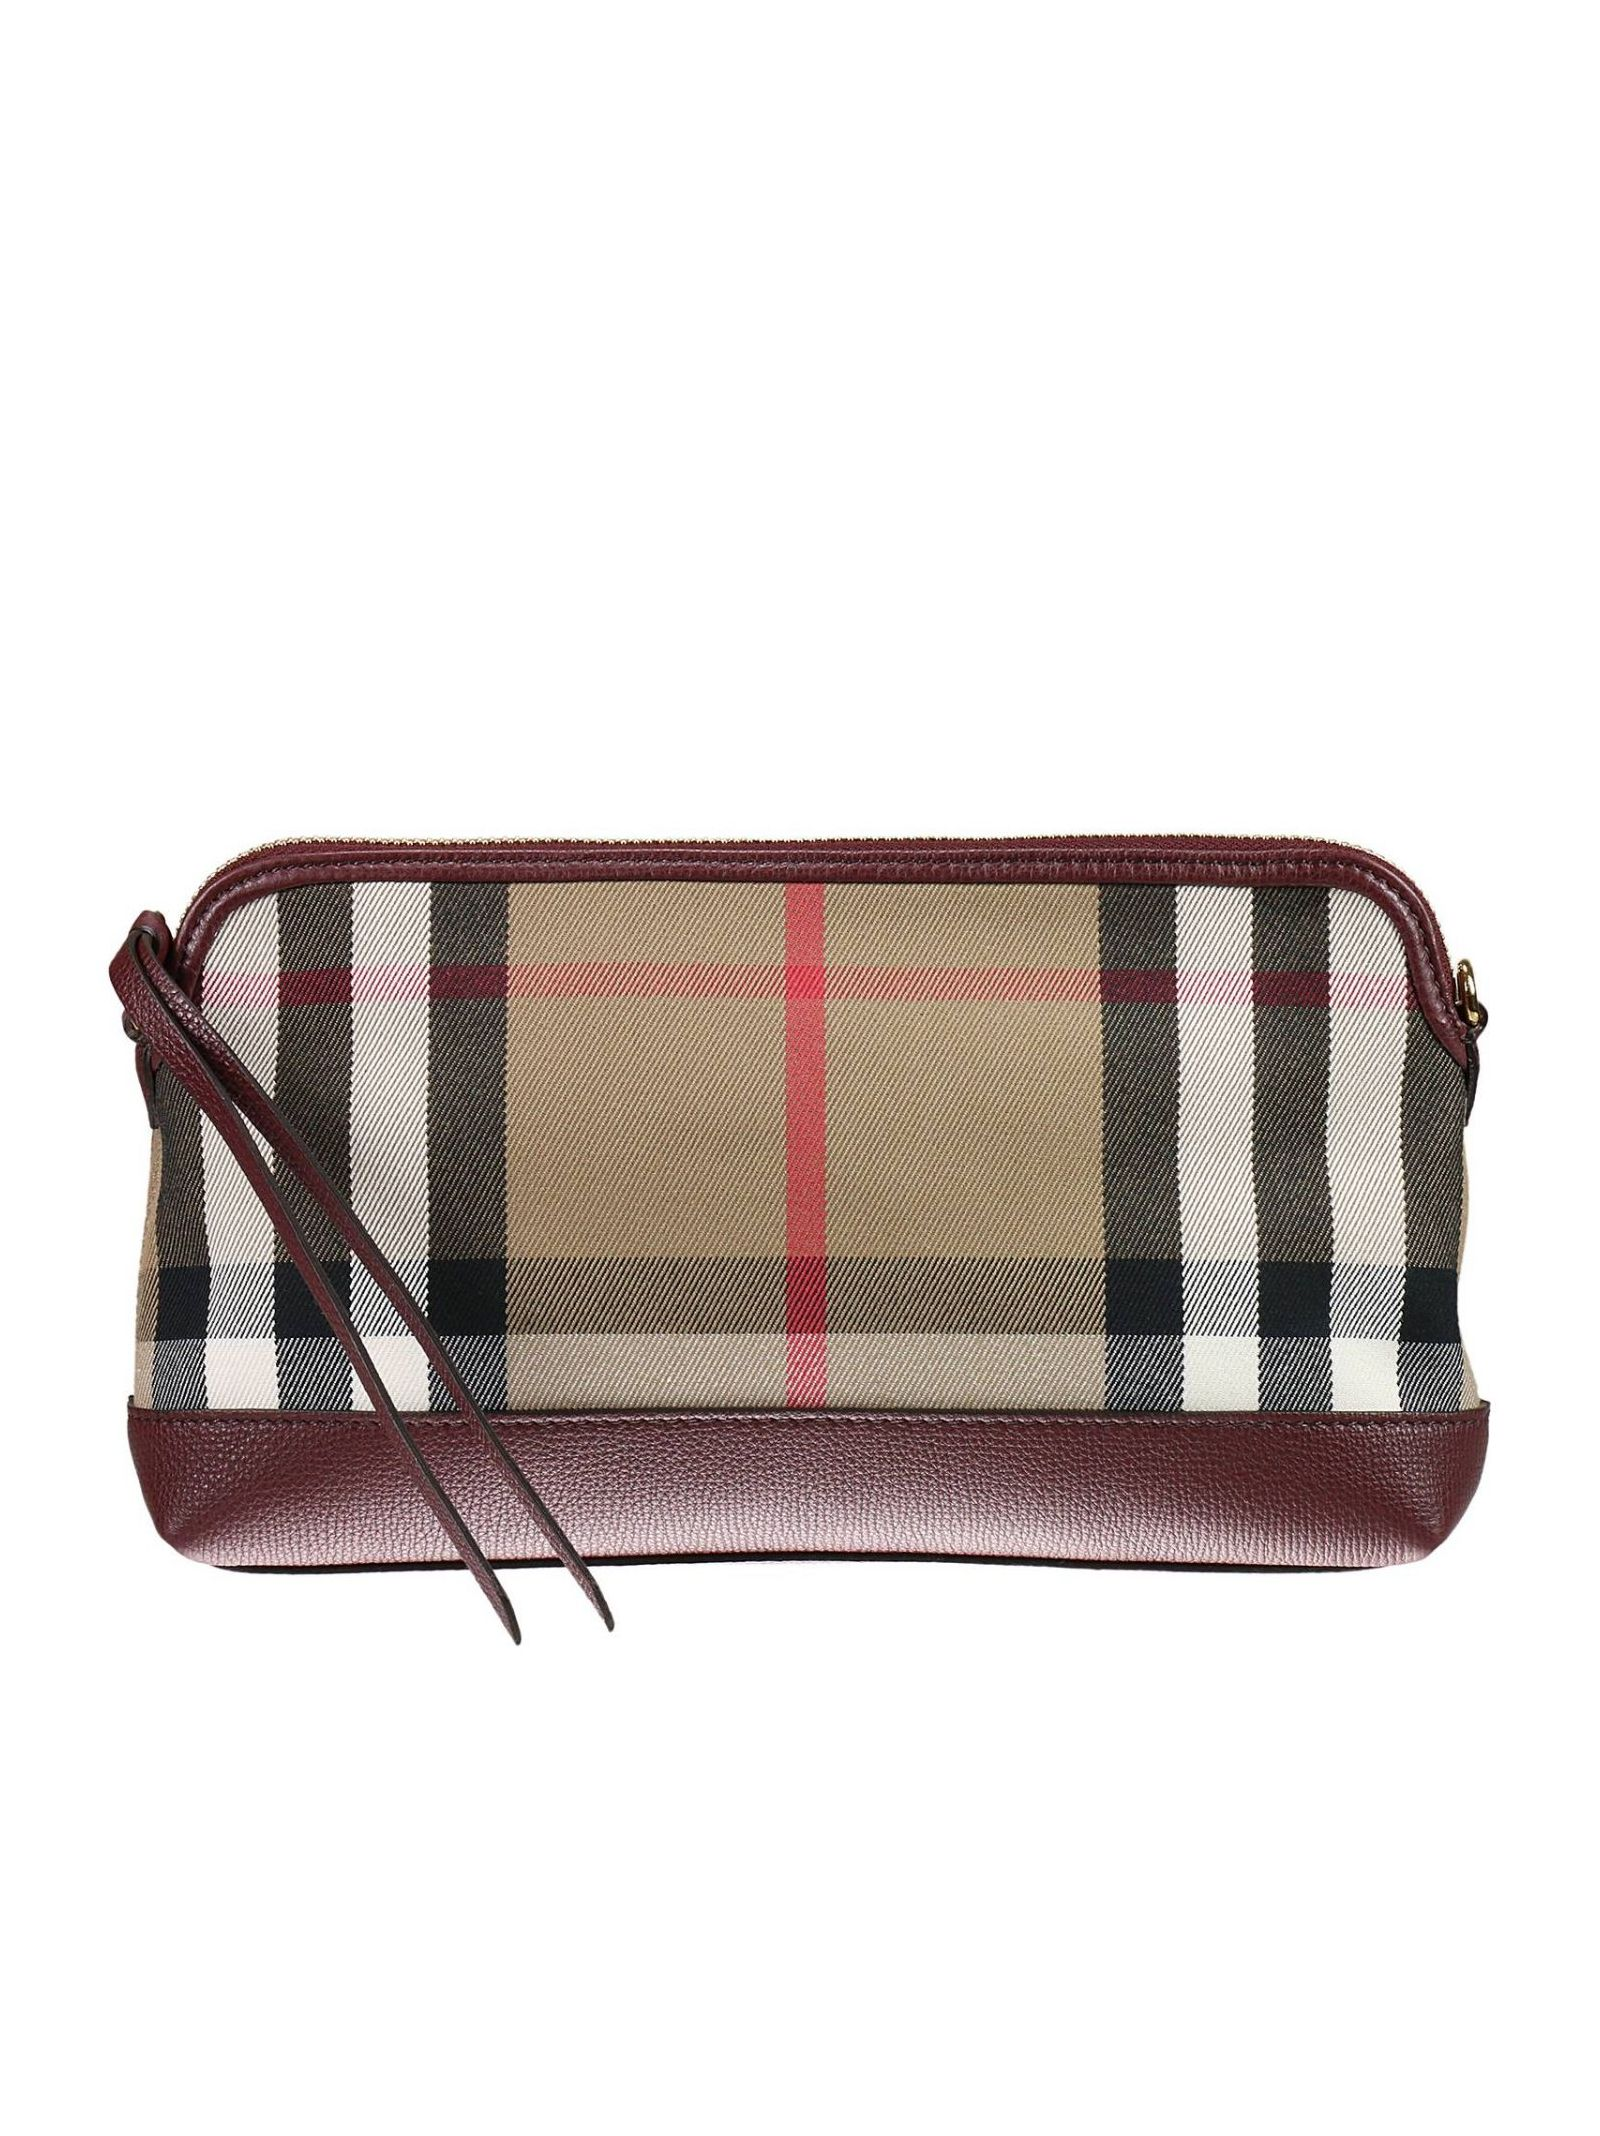 burberry female clutch handbag women burberry